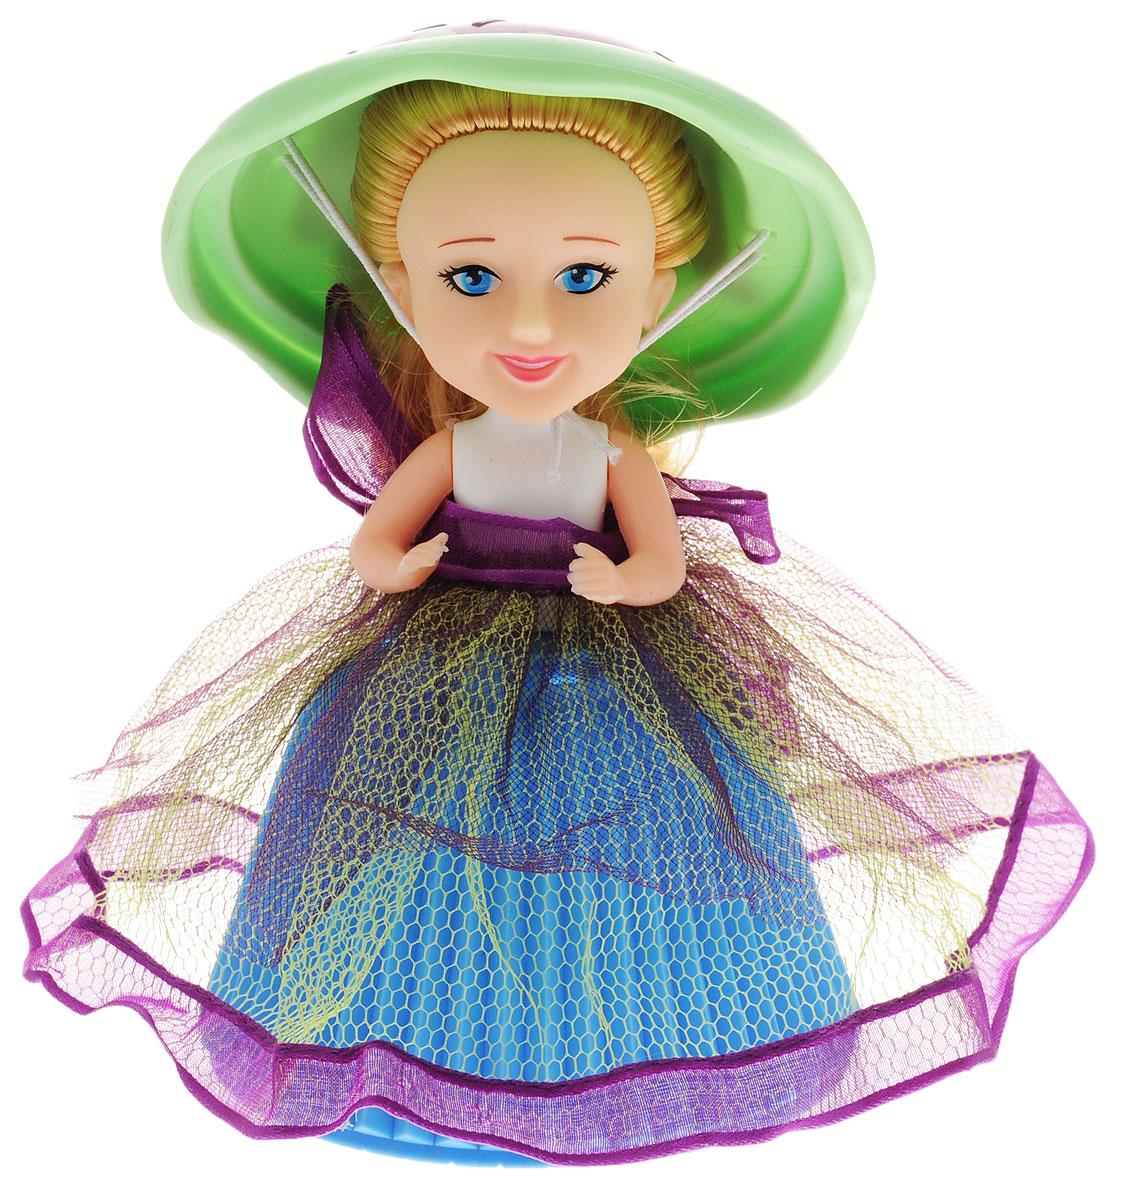 PlayMind Мини-кукла Lennie Lemon цвет голубой салатовый39185B_голубой, салатовыйМини-кукла PlayMind Lennie Lemon - это уникальная кукла-капкейк, которая непременно понравится вашей малышке. При помощи несложной трансформации яркий аппетитный кекс превращается в чудесную куколку, а верхушка кекса становится для нее элегантной шляпкой. Голова и ручки куклы подвижны. Длинные мягкие волосы куклы завязаны в пучок. Малышка с удовольствием будет расчесывать их, придумывая различные прически. Соберите коллекцию из 6-ти уникальных кукол-пирожных!